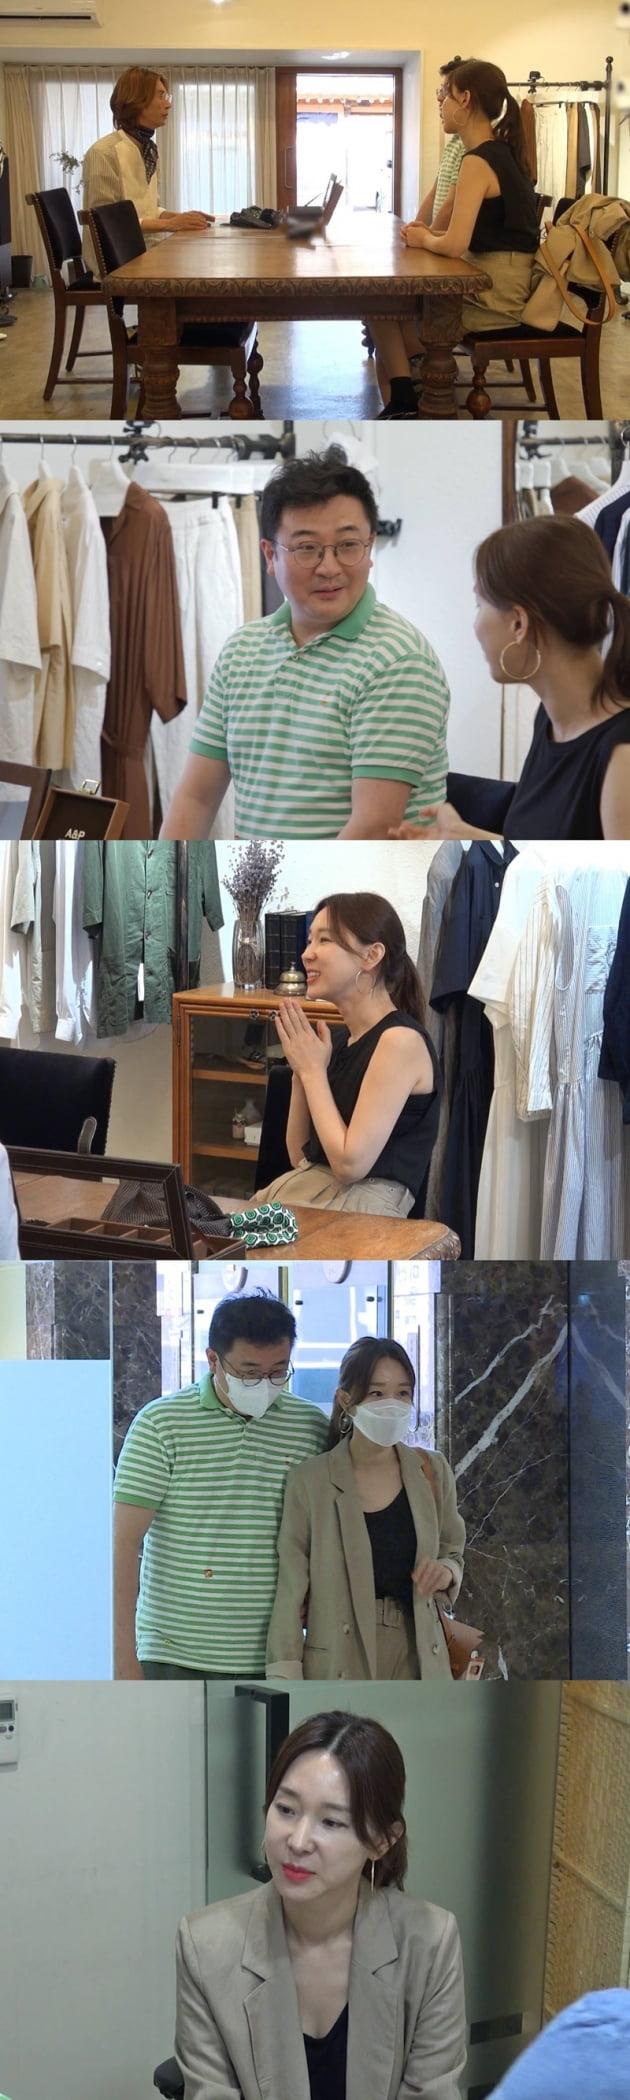 '동상이몽2-너는 내 운명' / 사진 = SBS 영상 캡처